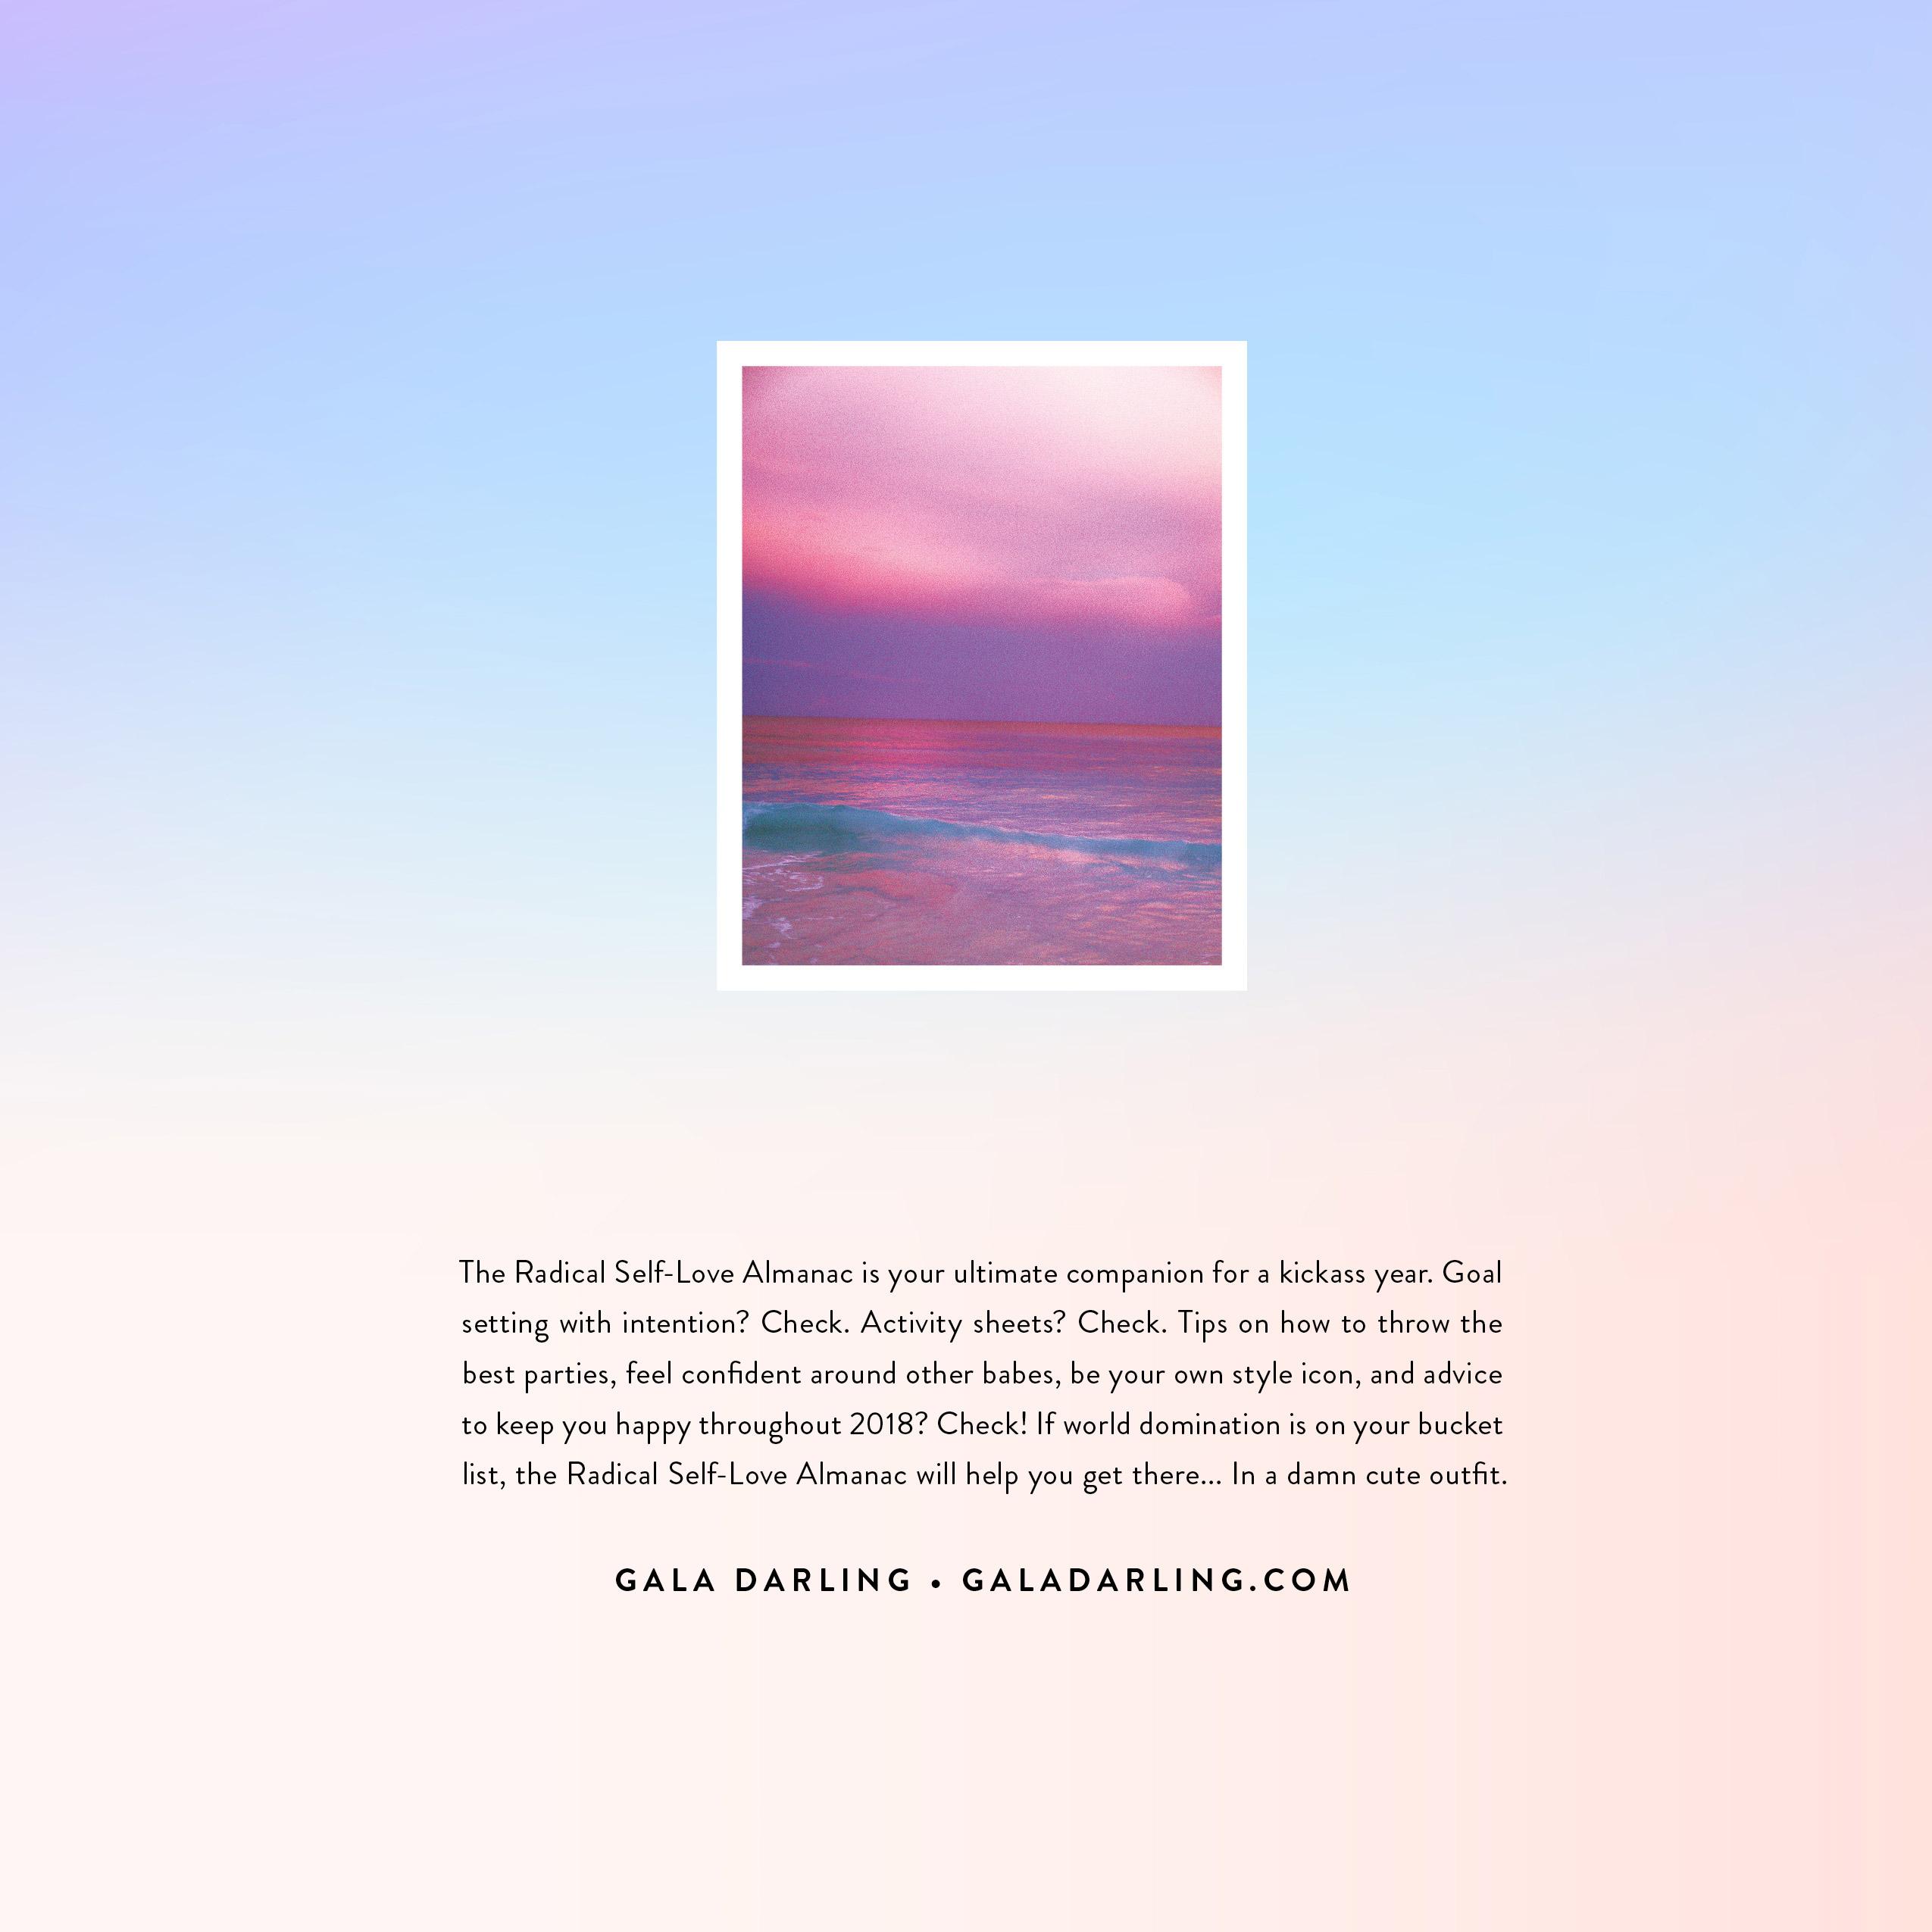 WE ARE BRANCH STUDIO | GALA DARLING 2018 ALMANAC